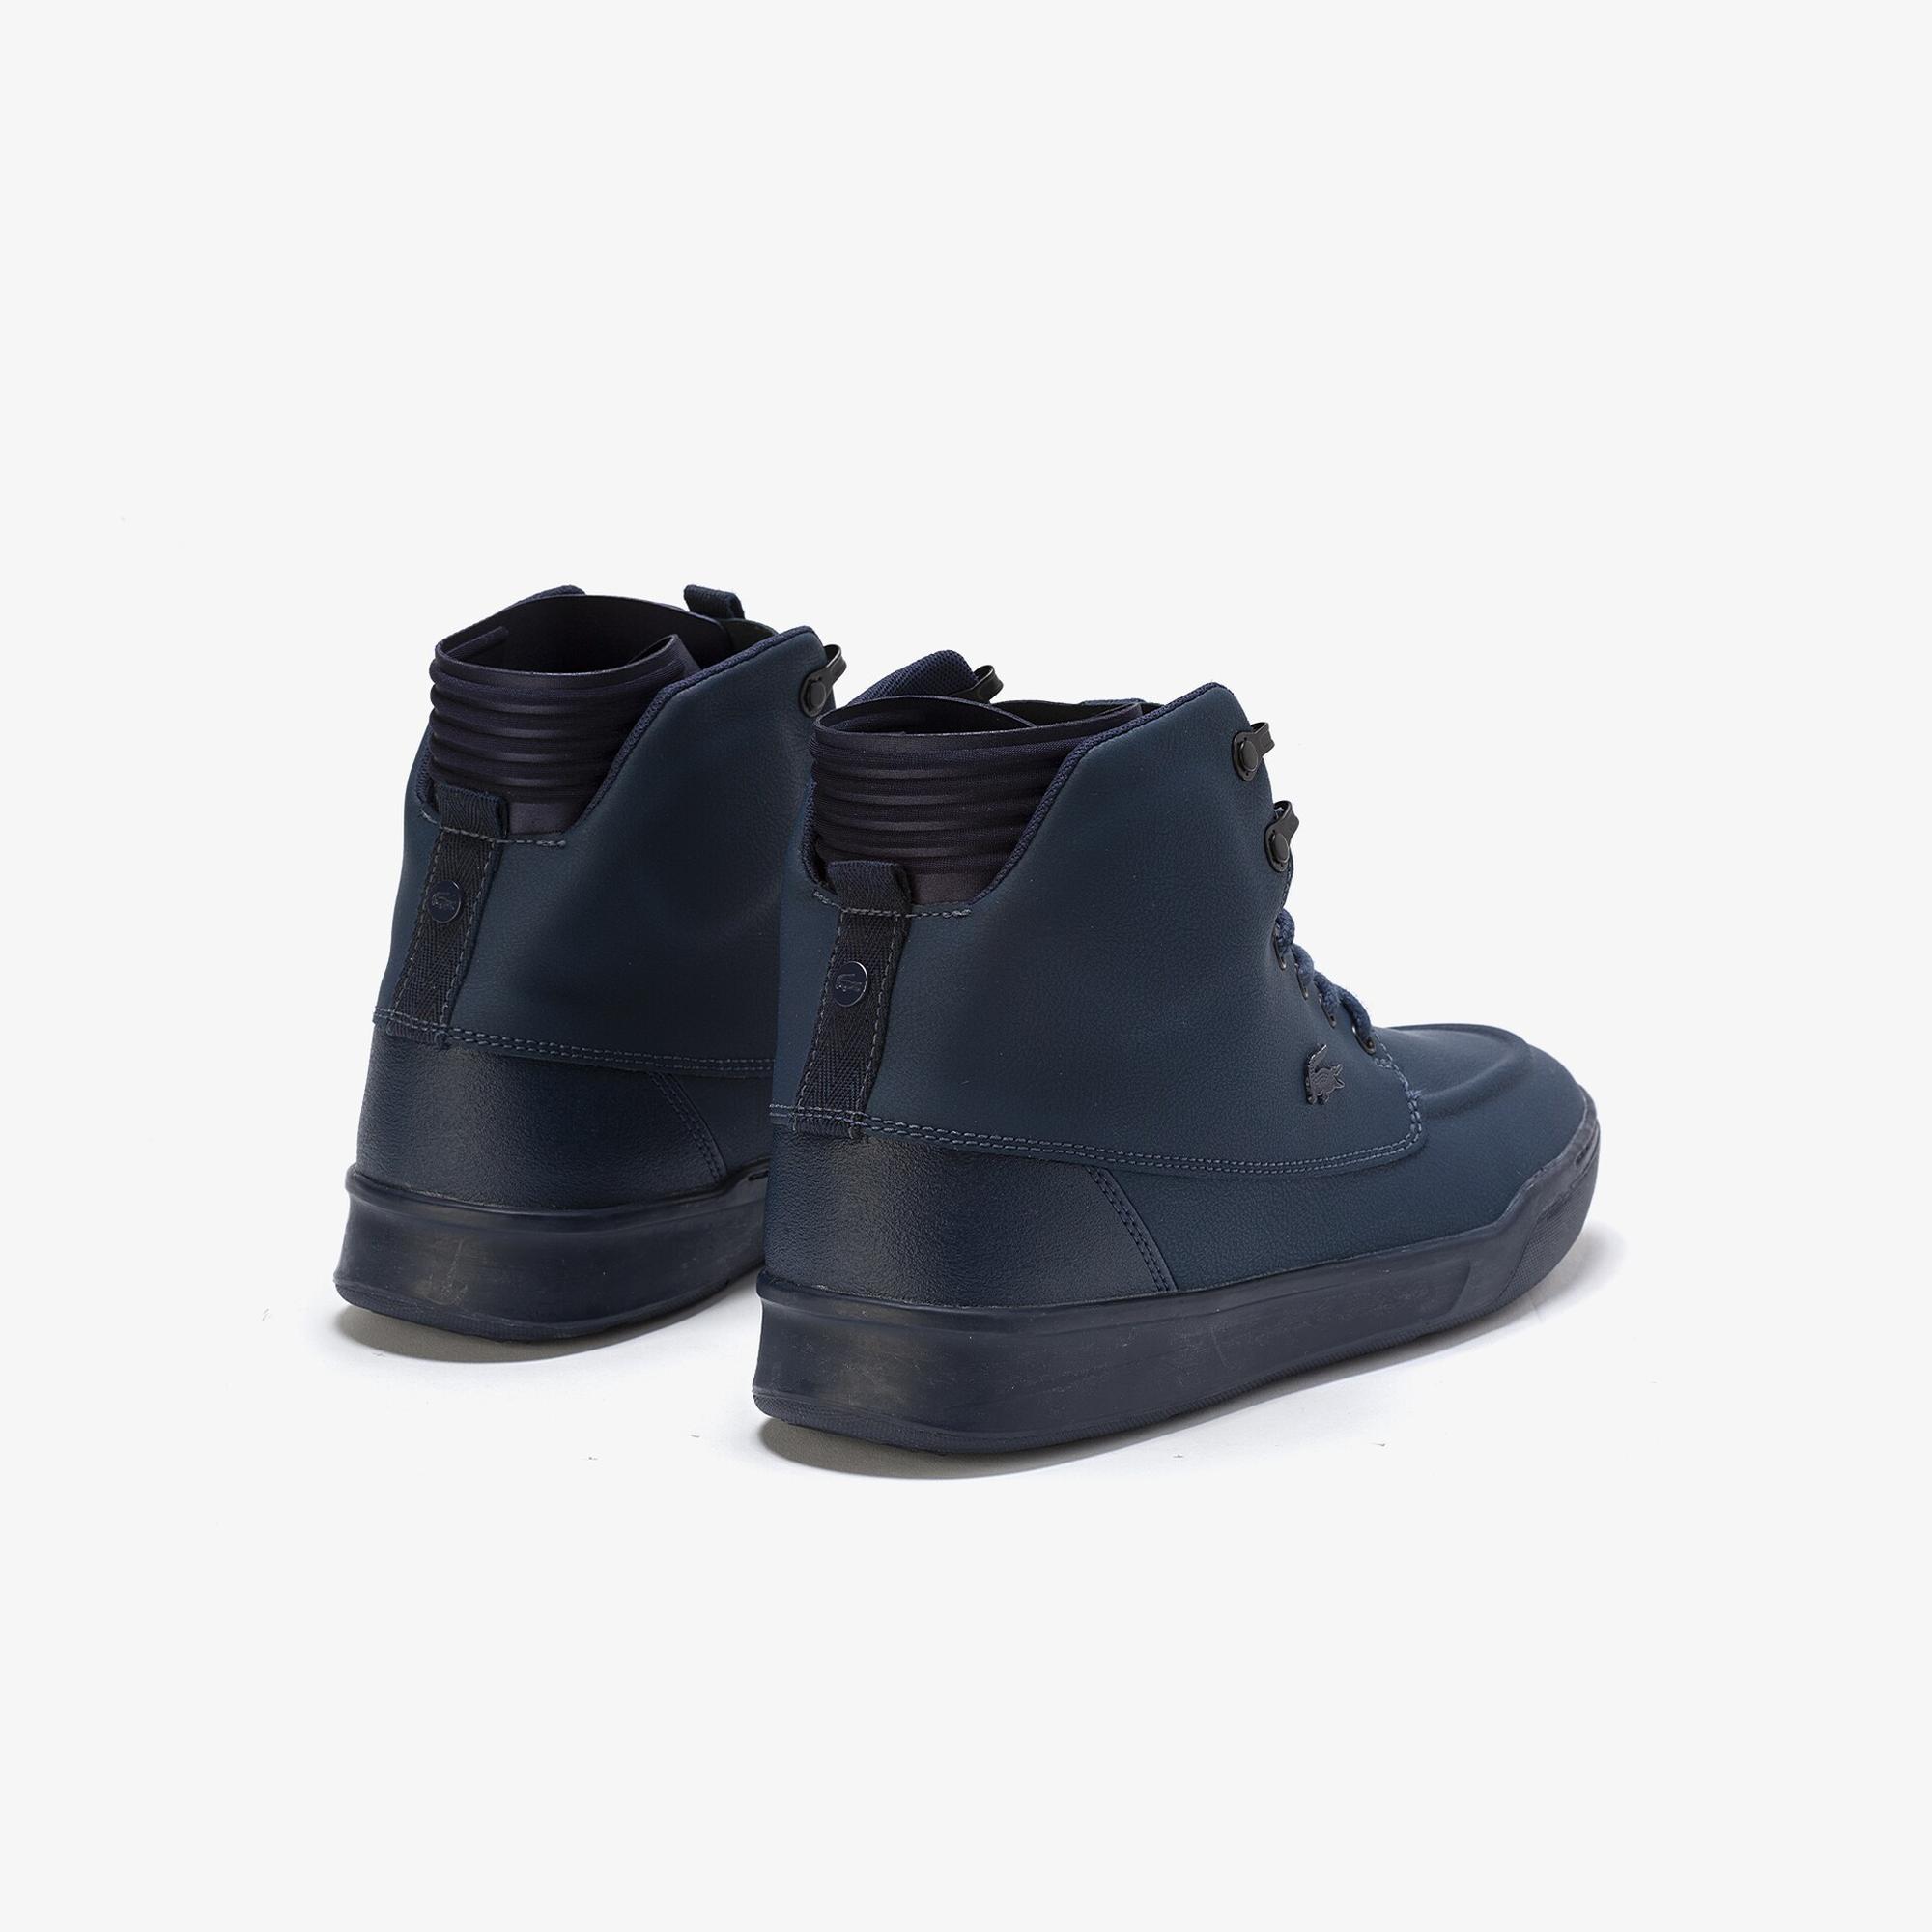 Lacoste черевики чоловічі